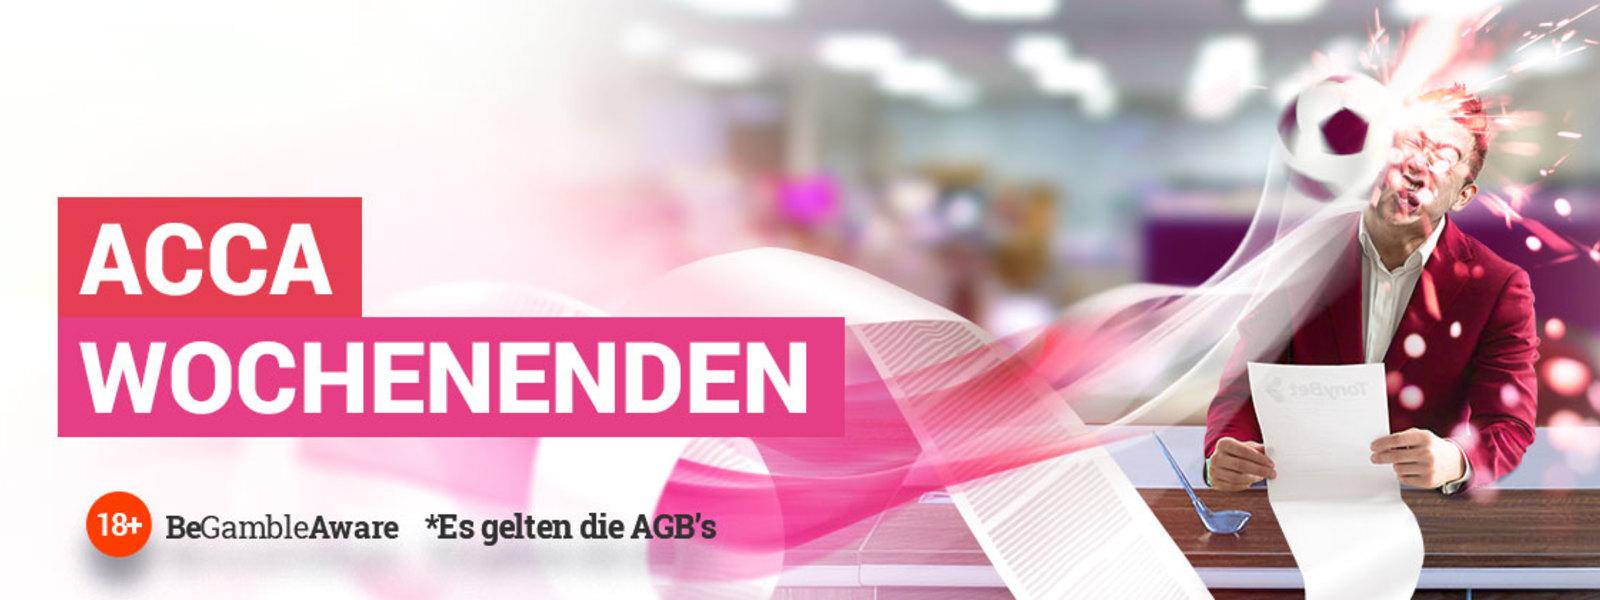 Wide_big_psaccaweekends_de